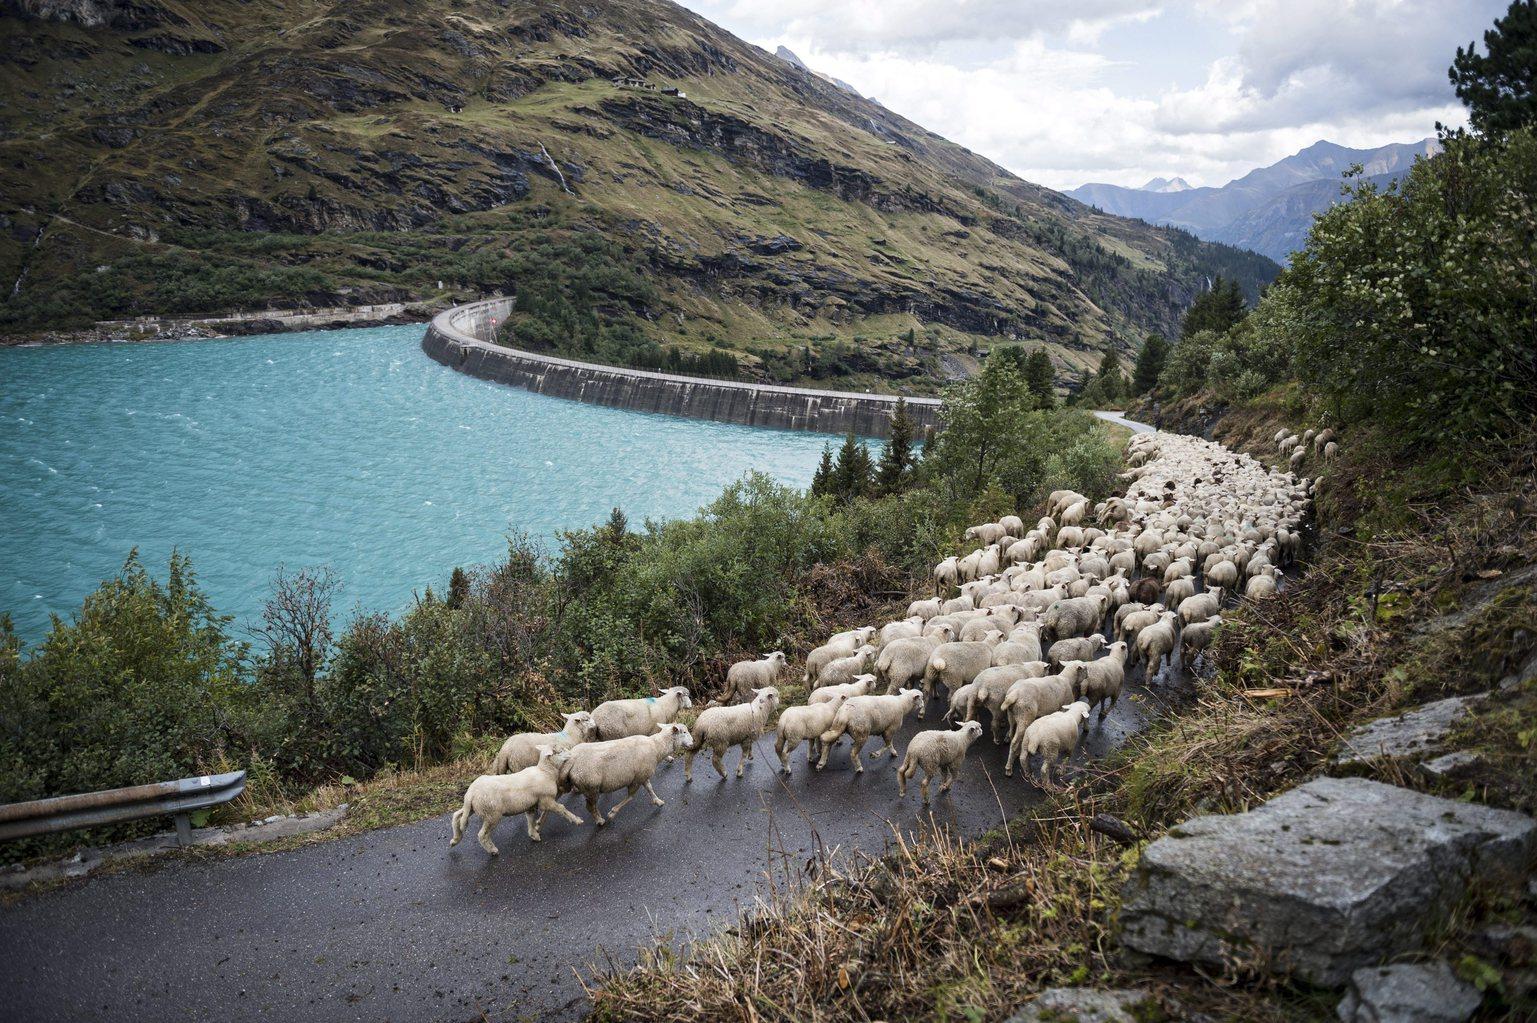 Több száz juhot terelnek a nyár végeztével az alacsonyabban fekvő legelőkre a svájci Valsban 2015. szeptember 17-én. (MTI/EPA/Gian Ehrenzeller)